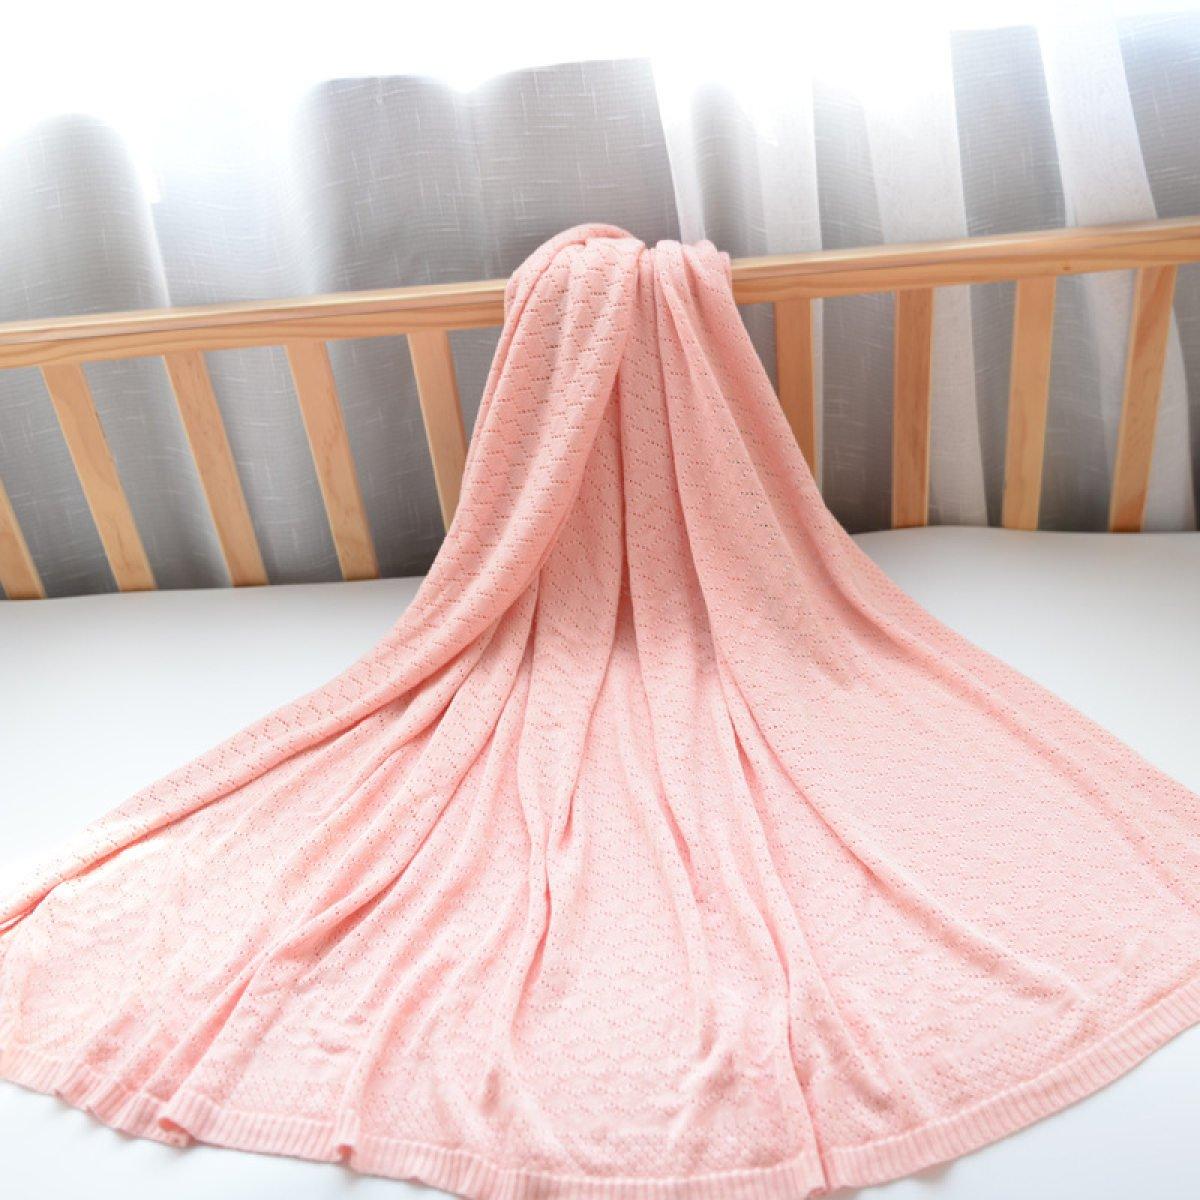 110CM,Blue FTHIYK Knitted Blanket Summer Ice Silk Bamboo Fiber Baby Line Carpet Sofa Blanket Windshield Blanket 125